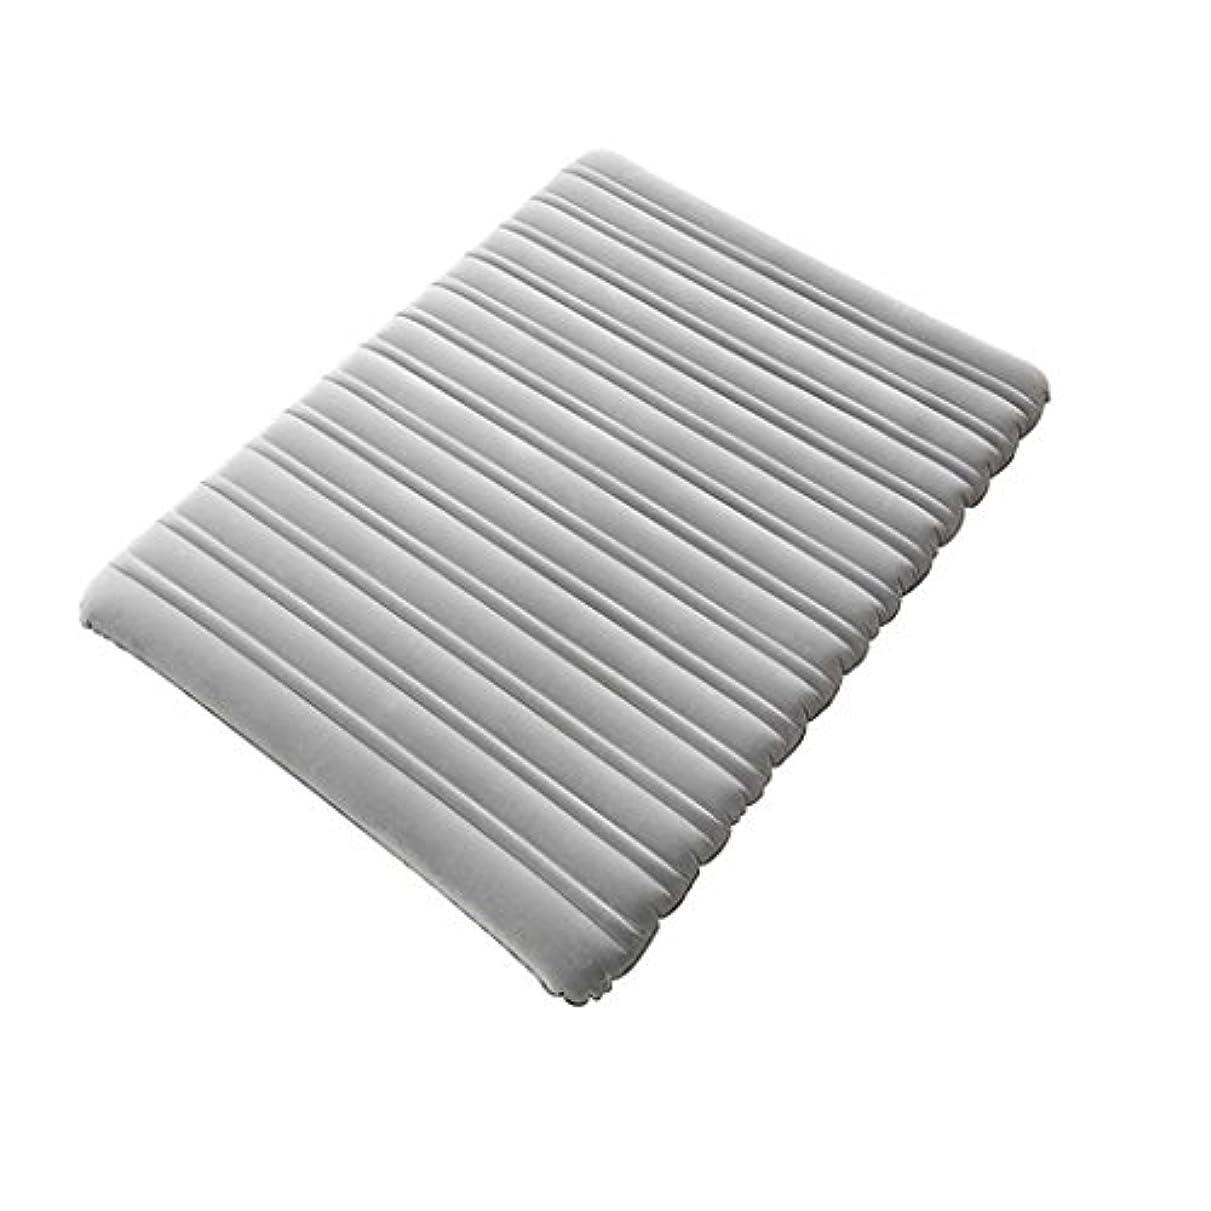 排気セレナモンキー単層インフレータブルベッド厚いエアクッションダブルインフレータブルマットレスエアベッドのアウトドアキャンプを増やす家庭Thickenポータブル車のエアベッドインフレータブルベッド (色 : Bed+hand pump)